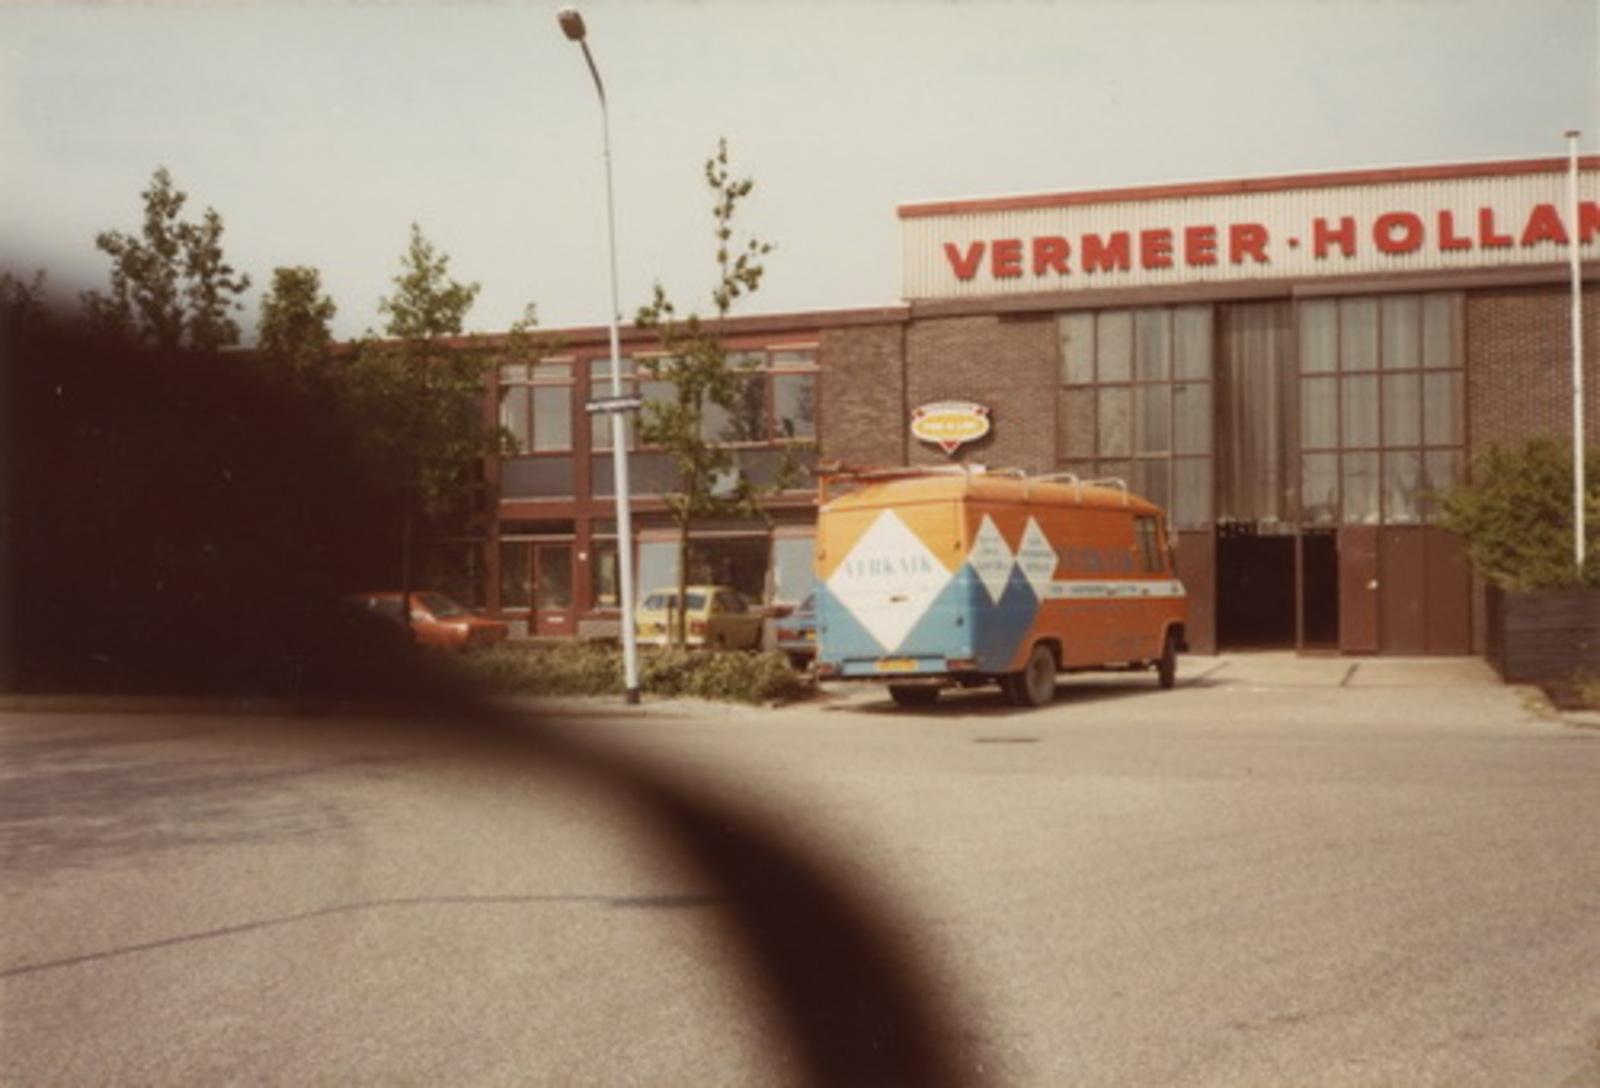 Graftermeerstraat N 0029-33 1983 Loods fa Vermeer Holland 01